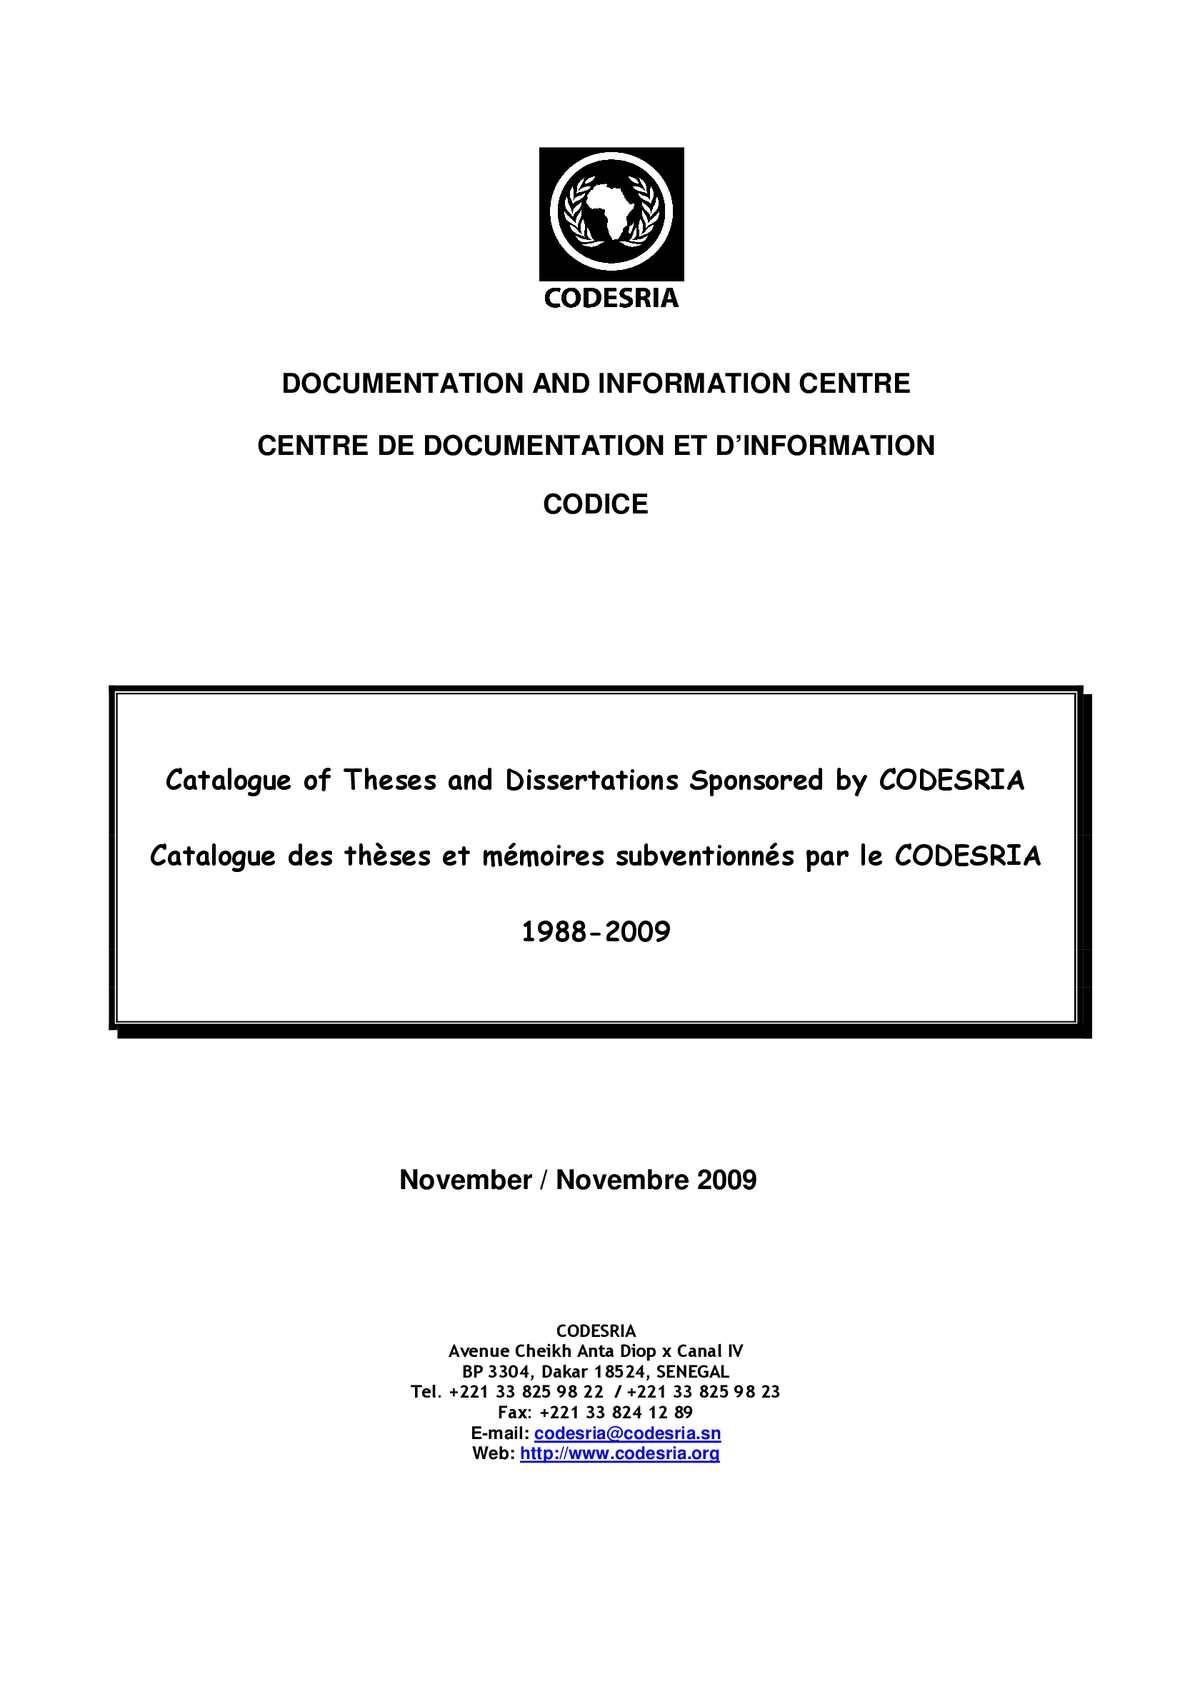 Cherche Personne Pour Travaux Jardin Frais Calaméo Catalogue Des Th¨ses Et Mémoires 1988 2009 Of 66 Beau Cherche Personne Pour Travaux Jardin